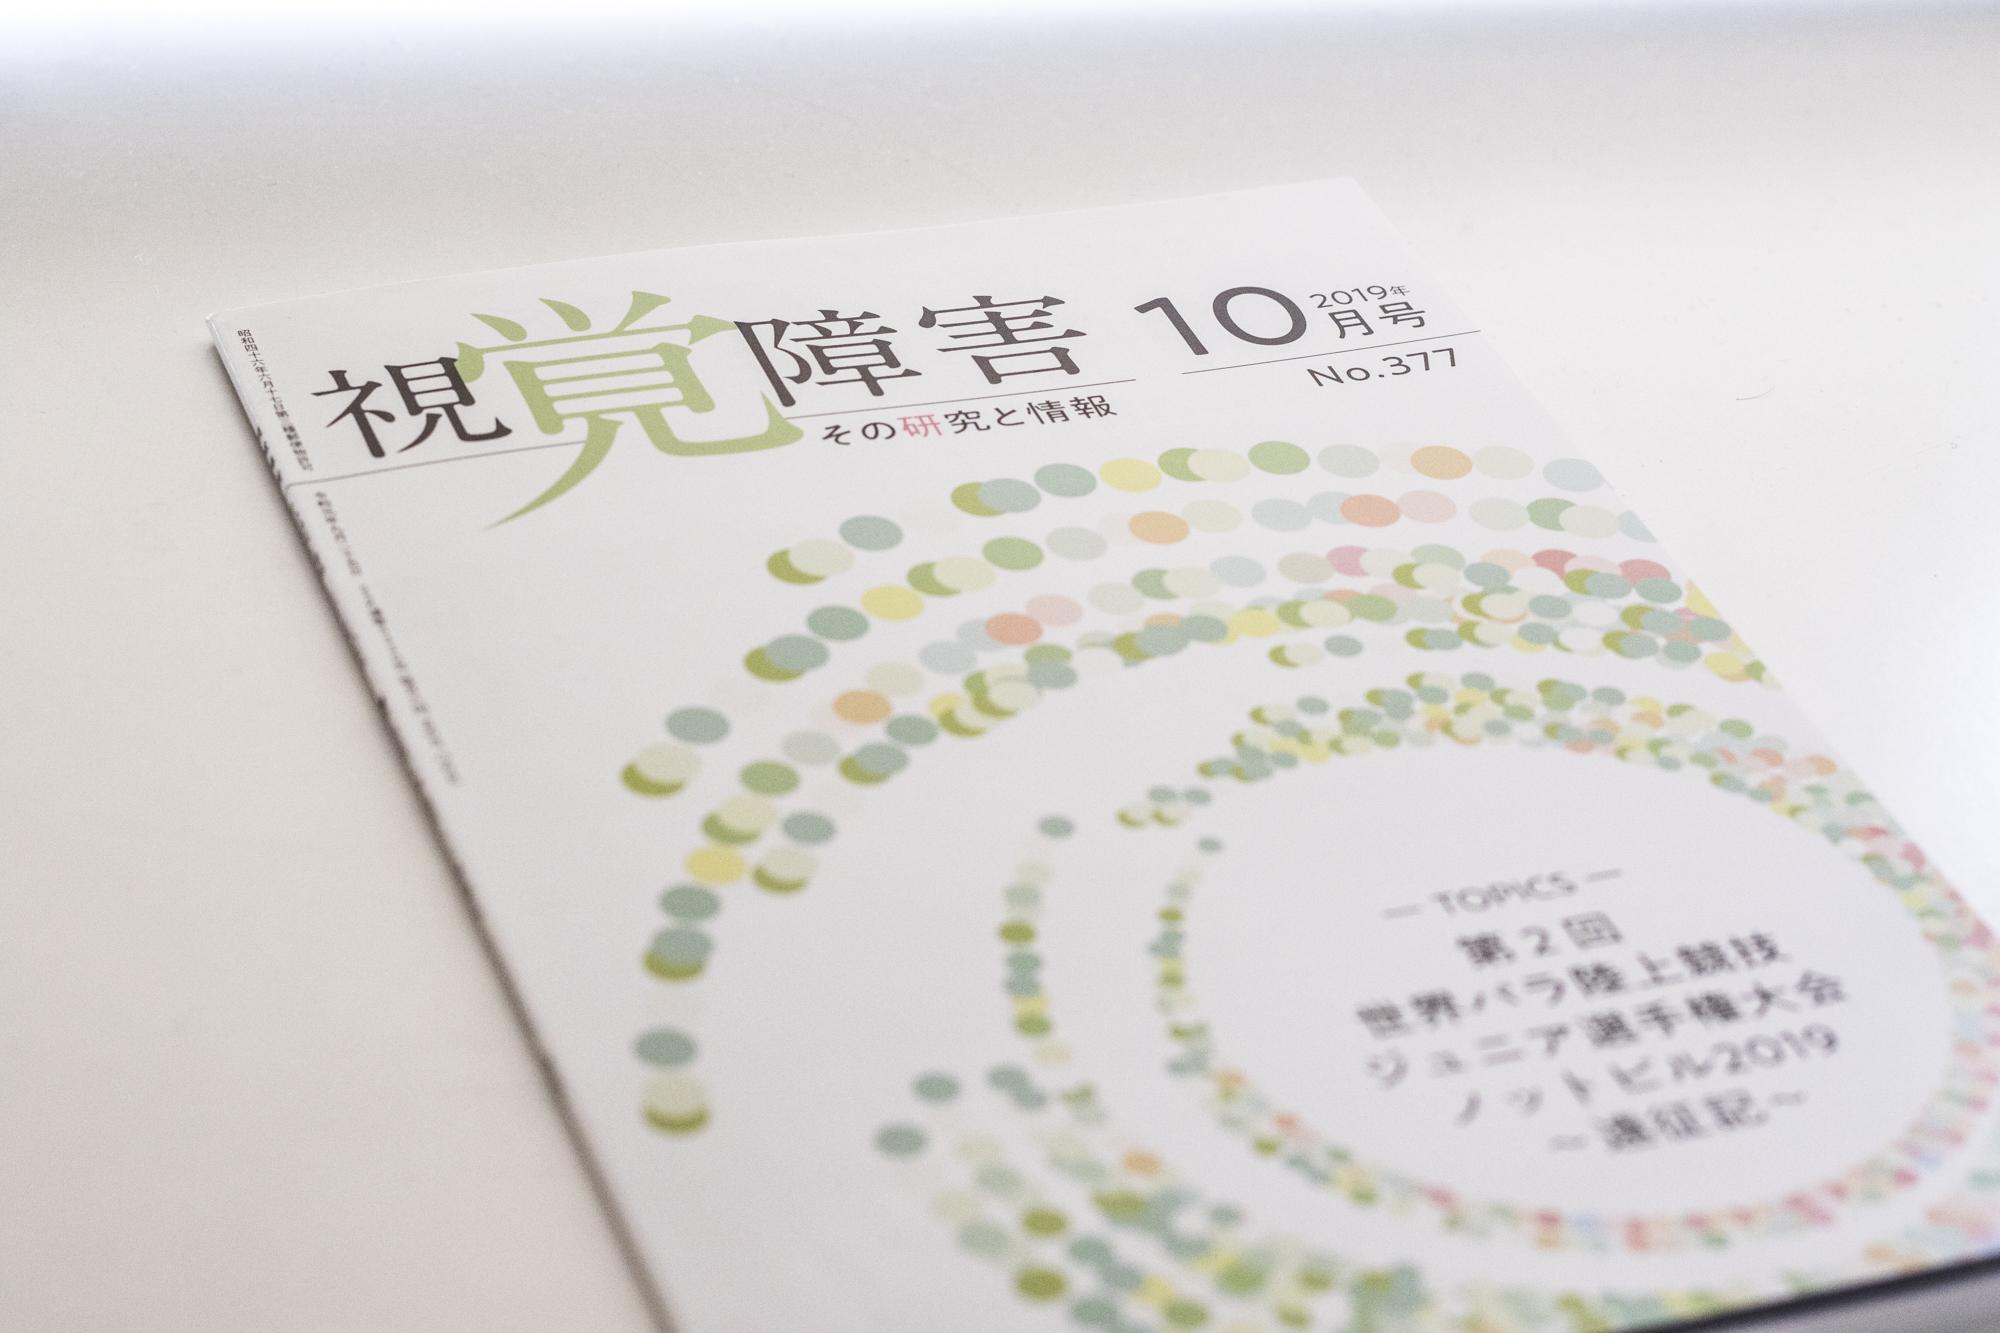 月刊「視覚障害ーその研究と情報」No.377